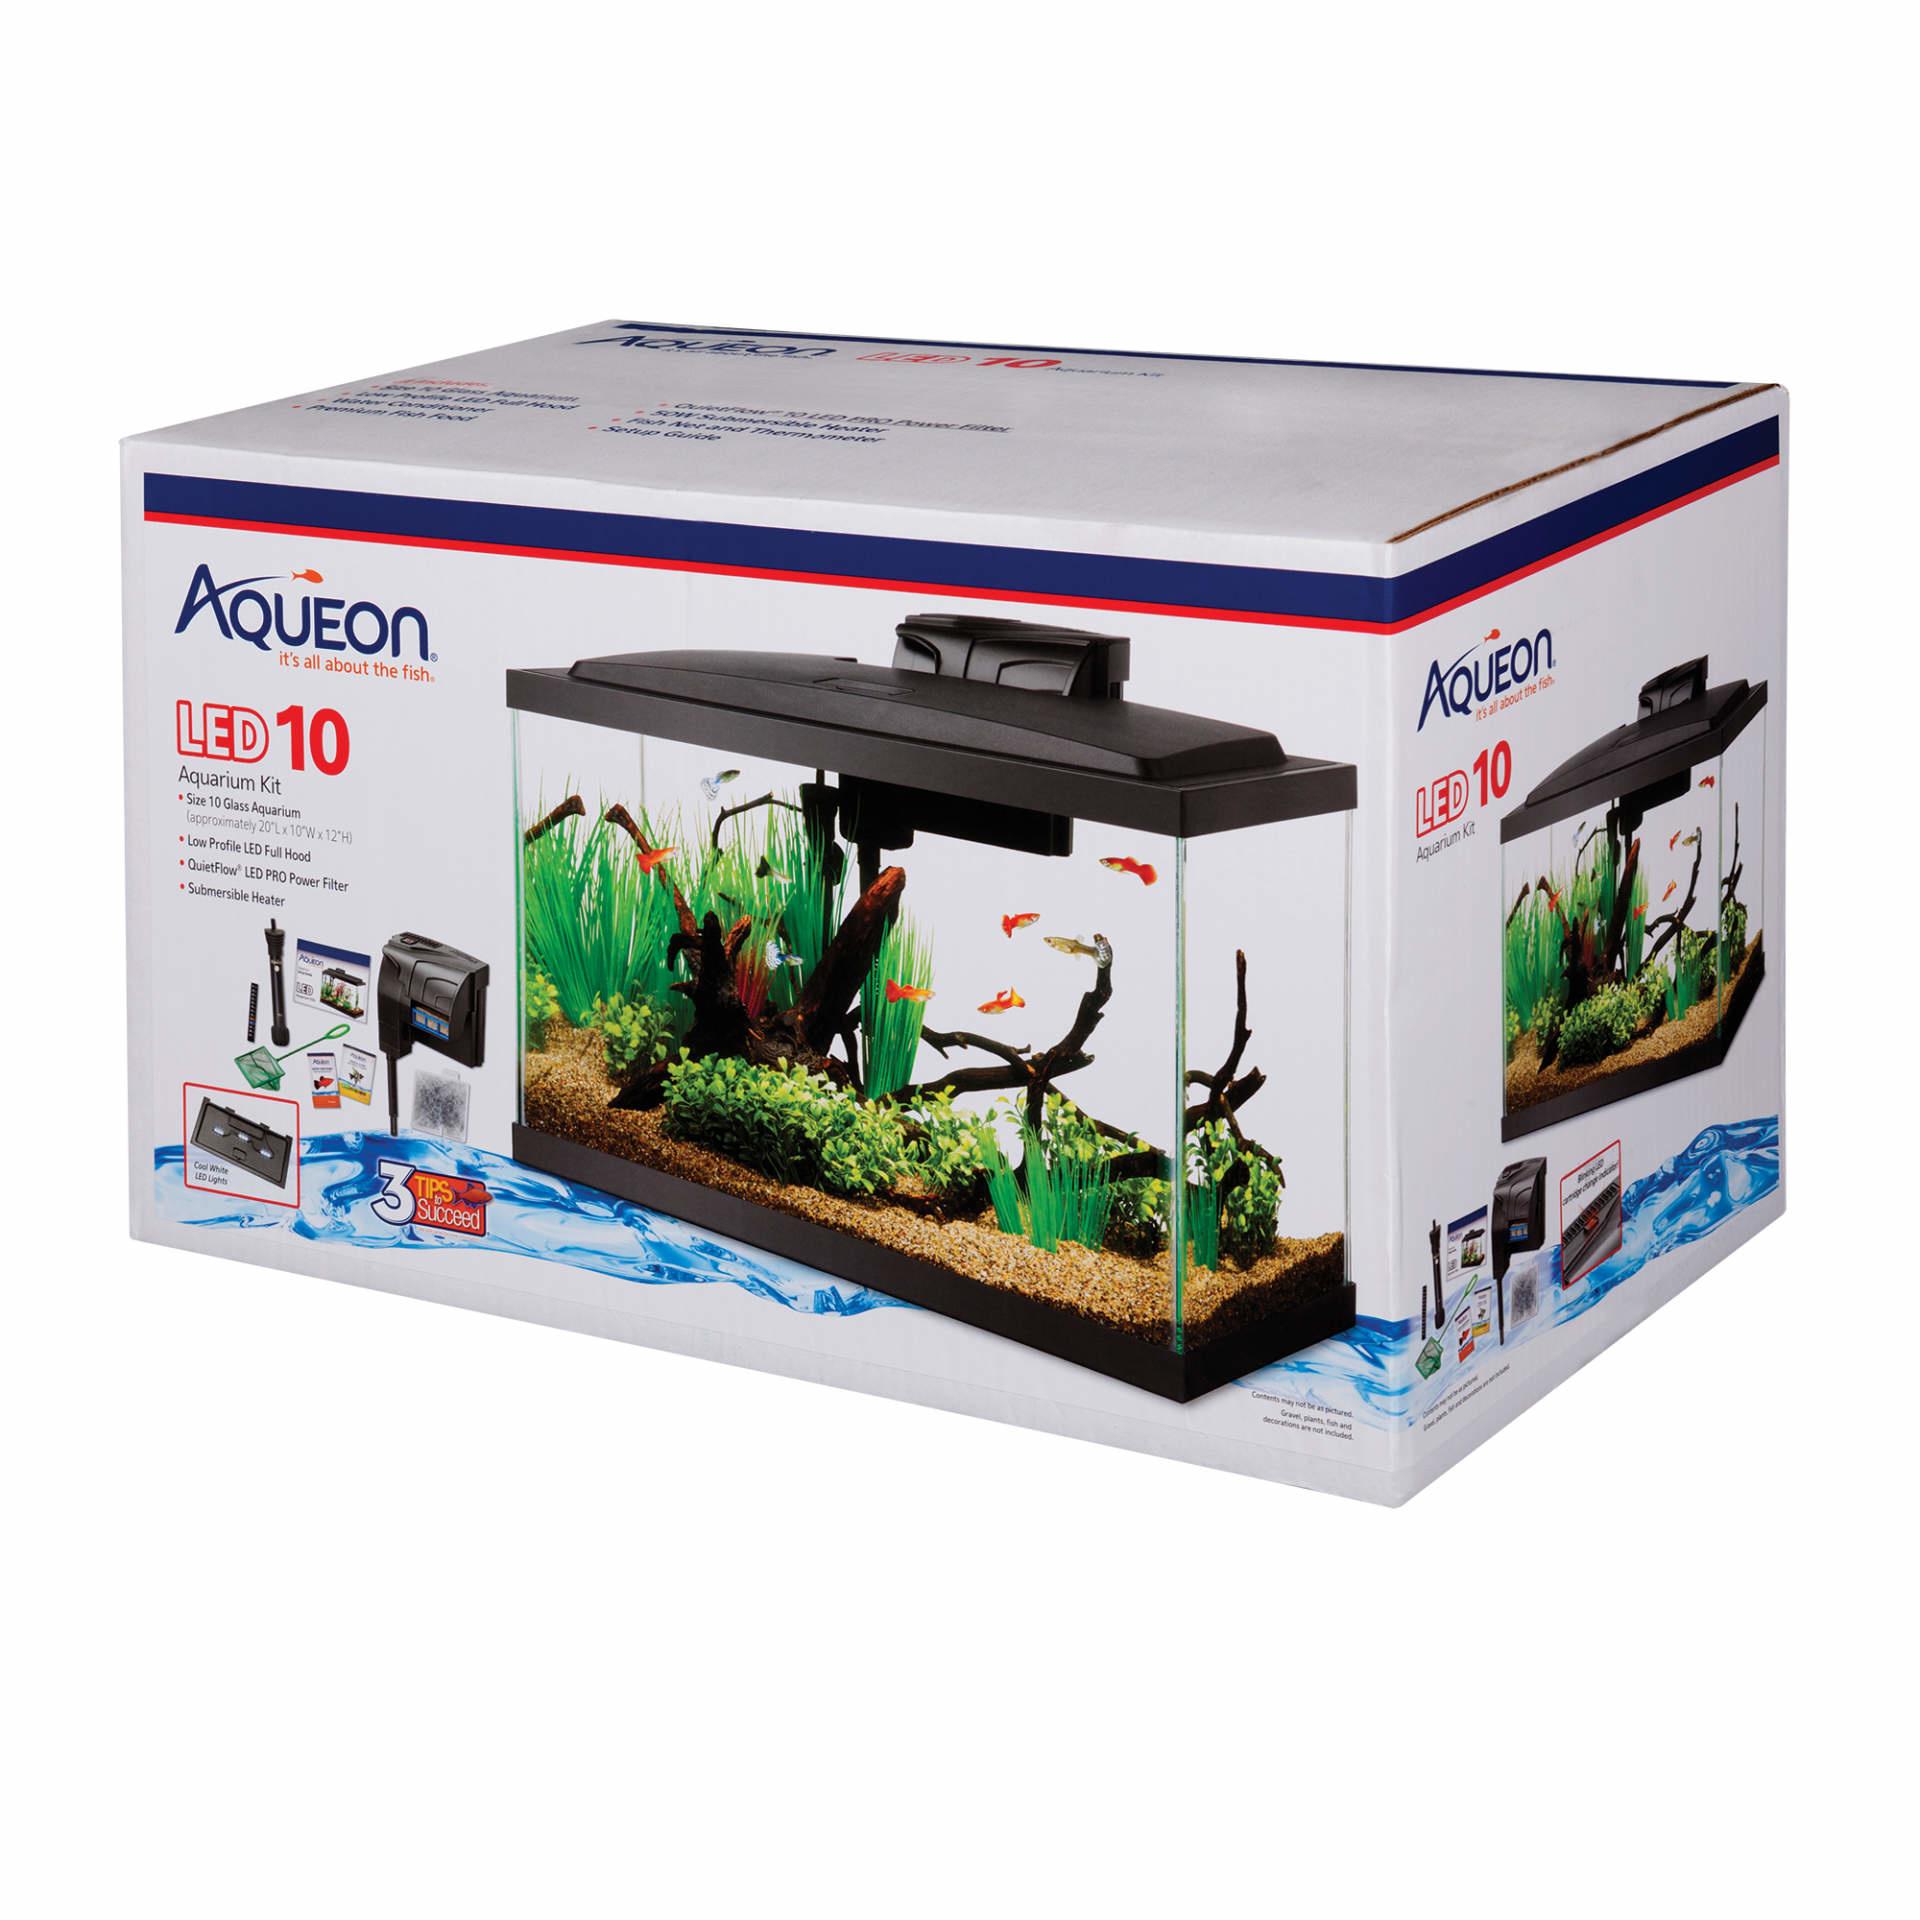 Aqueon Aqueon 10 gallon LED Pre Pricekit